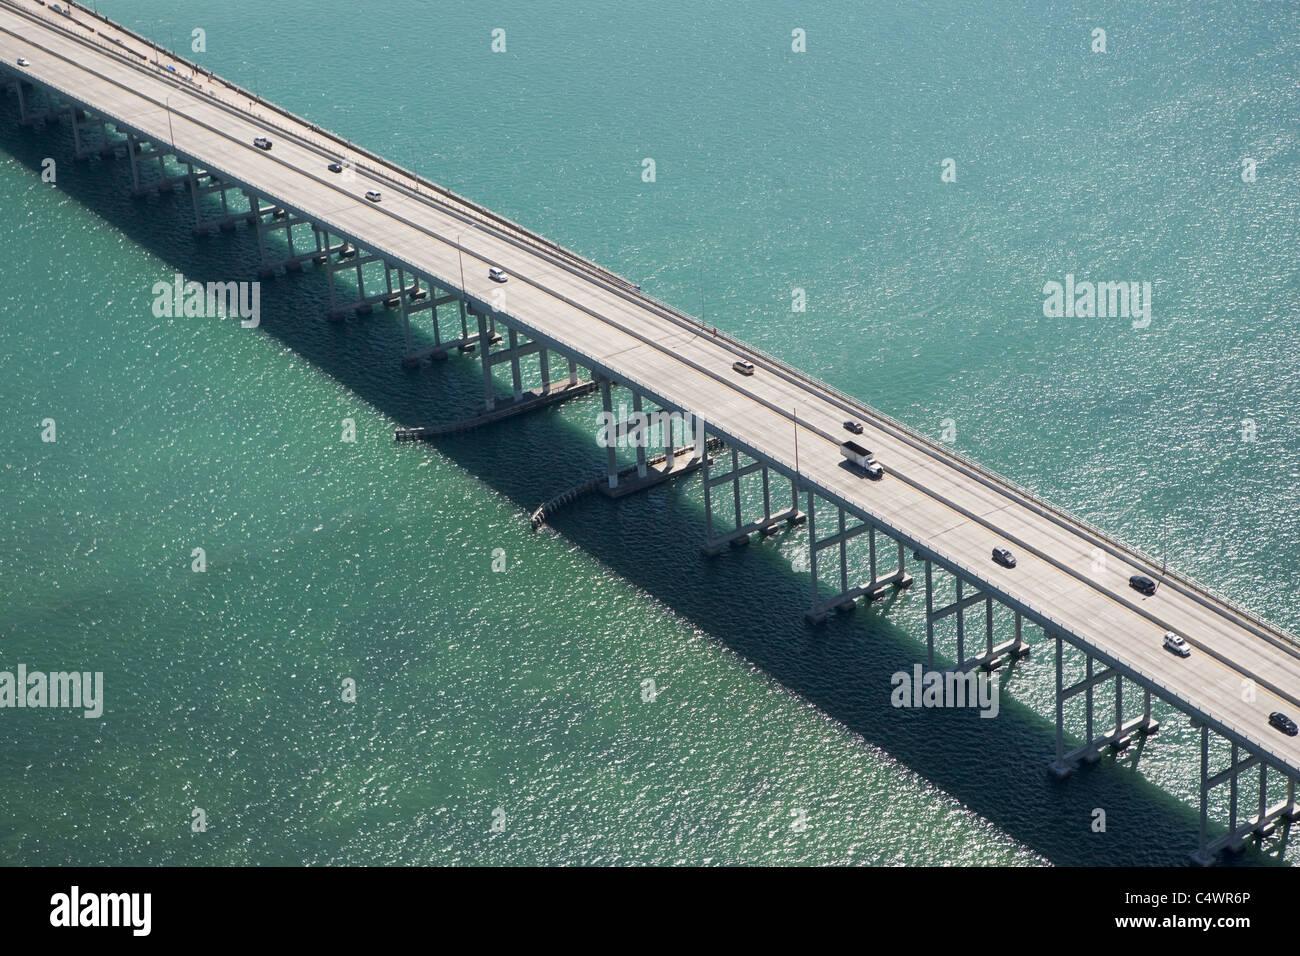 USA, Florida, Miami, Aerial view of Port of Miami Bridge - Stock Image